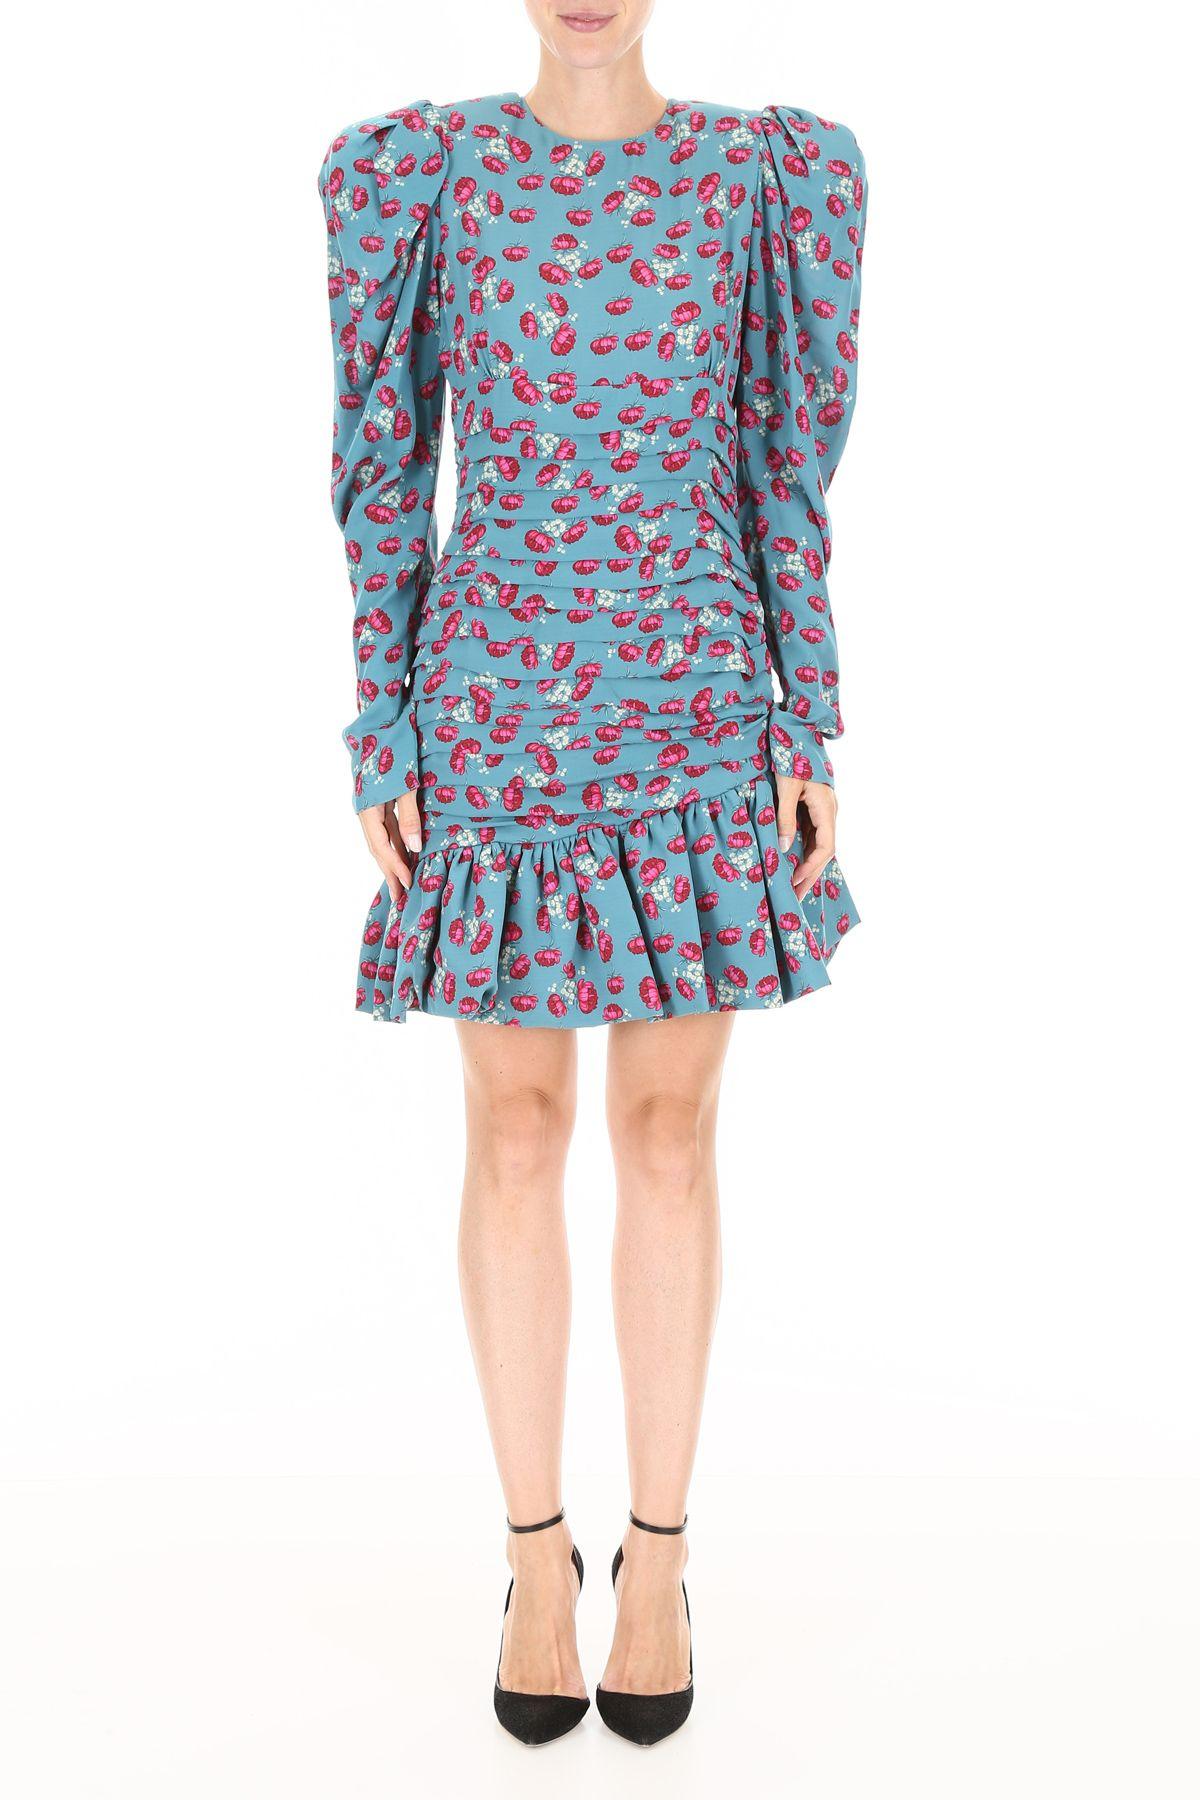 ad81c01dc430 Magda Butrym Magda Butrym Borneo Mini Dress - GREEN (Light blue ...